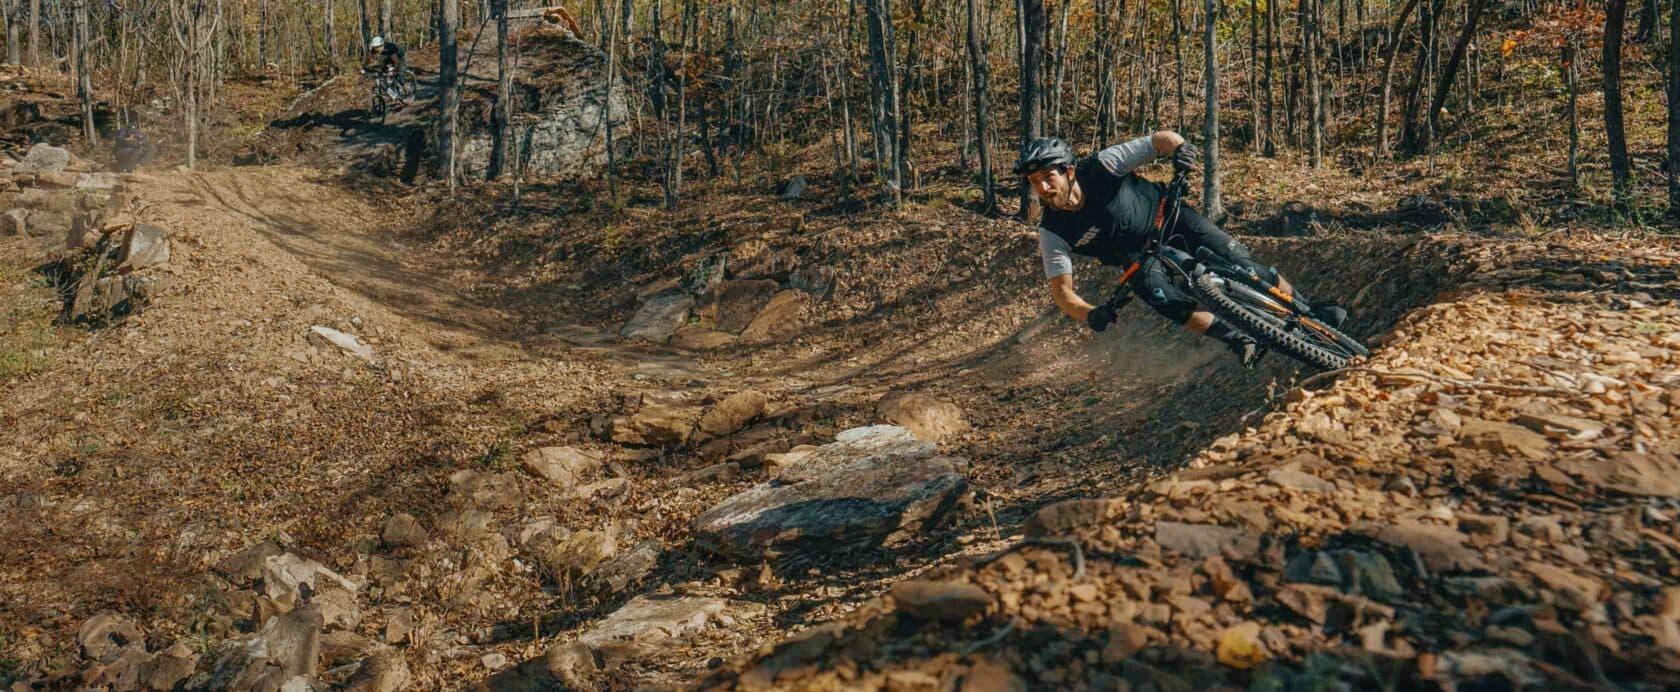 Mountain biking in the fall